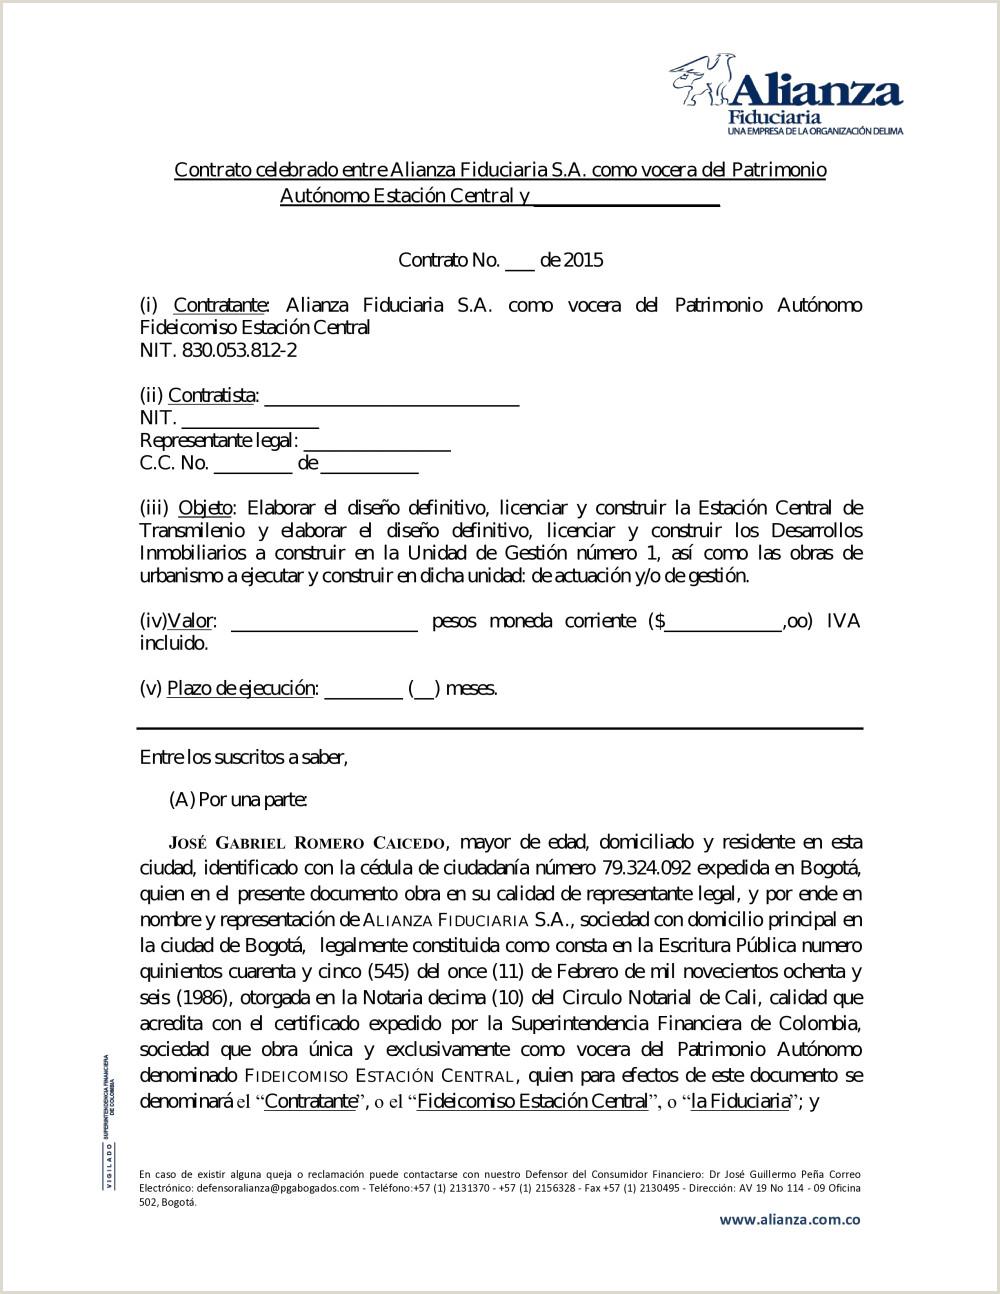 Contrato celebrado entre Alianza Fiduciaria S A o vocera